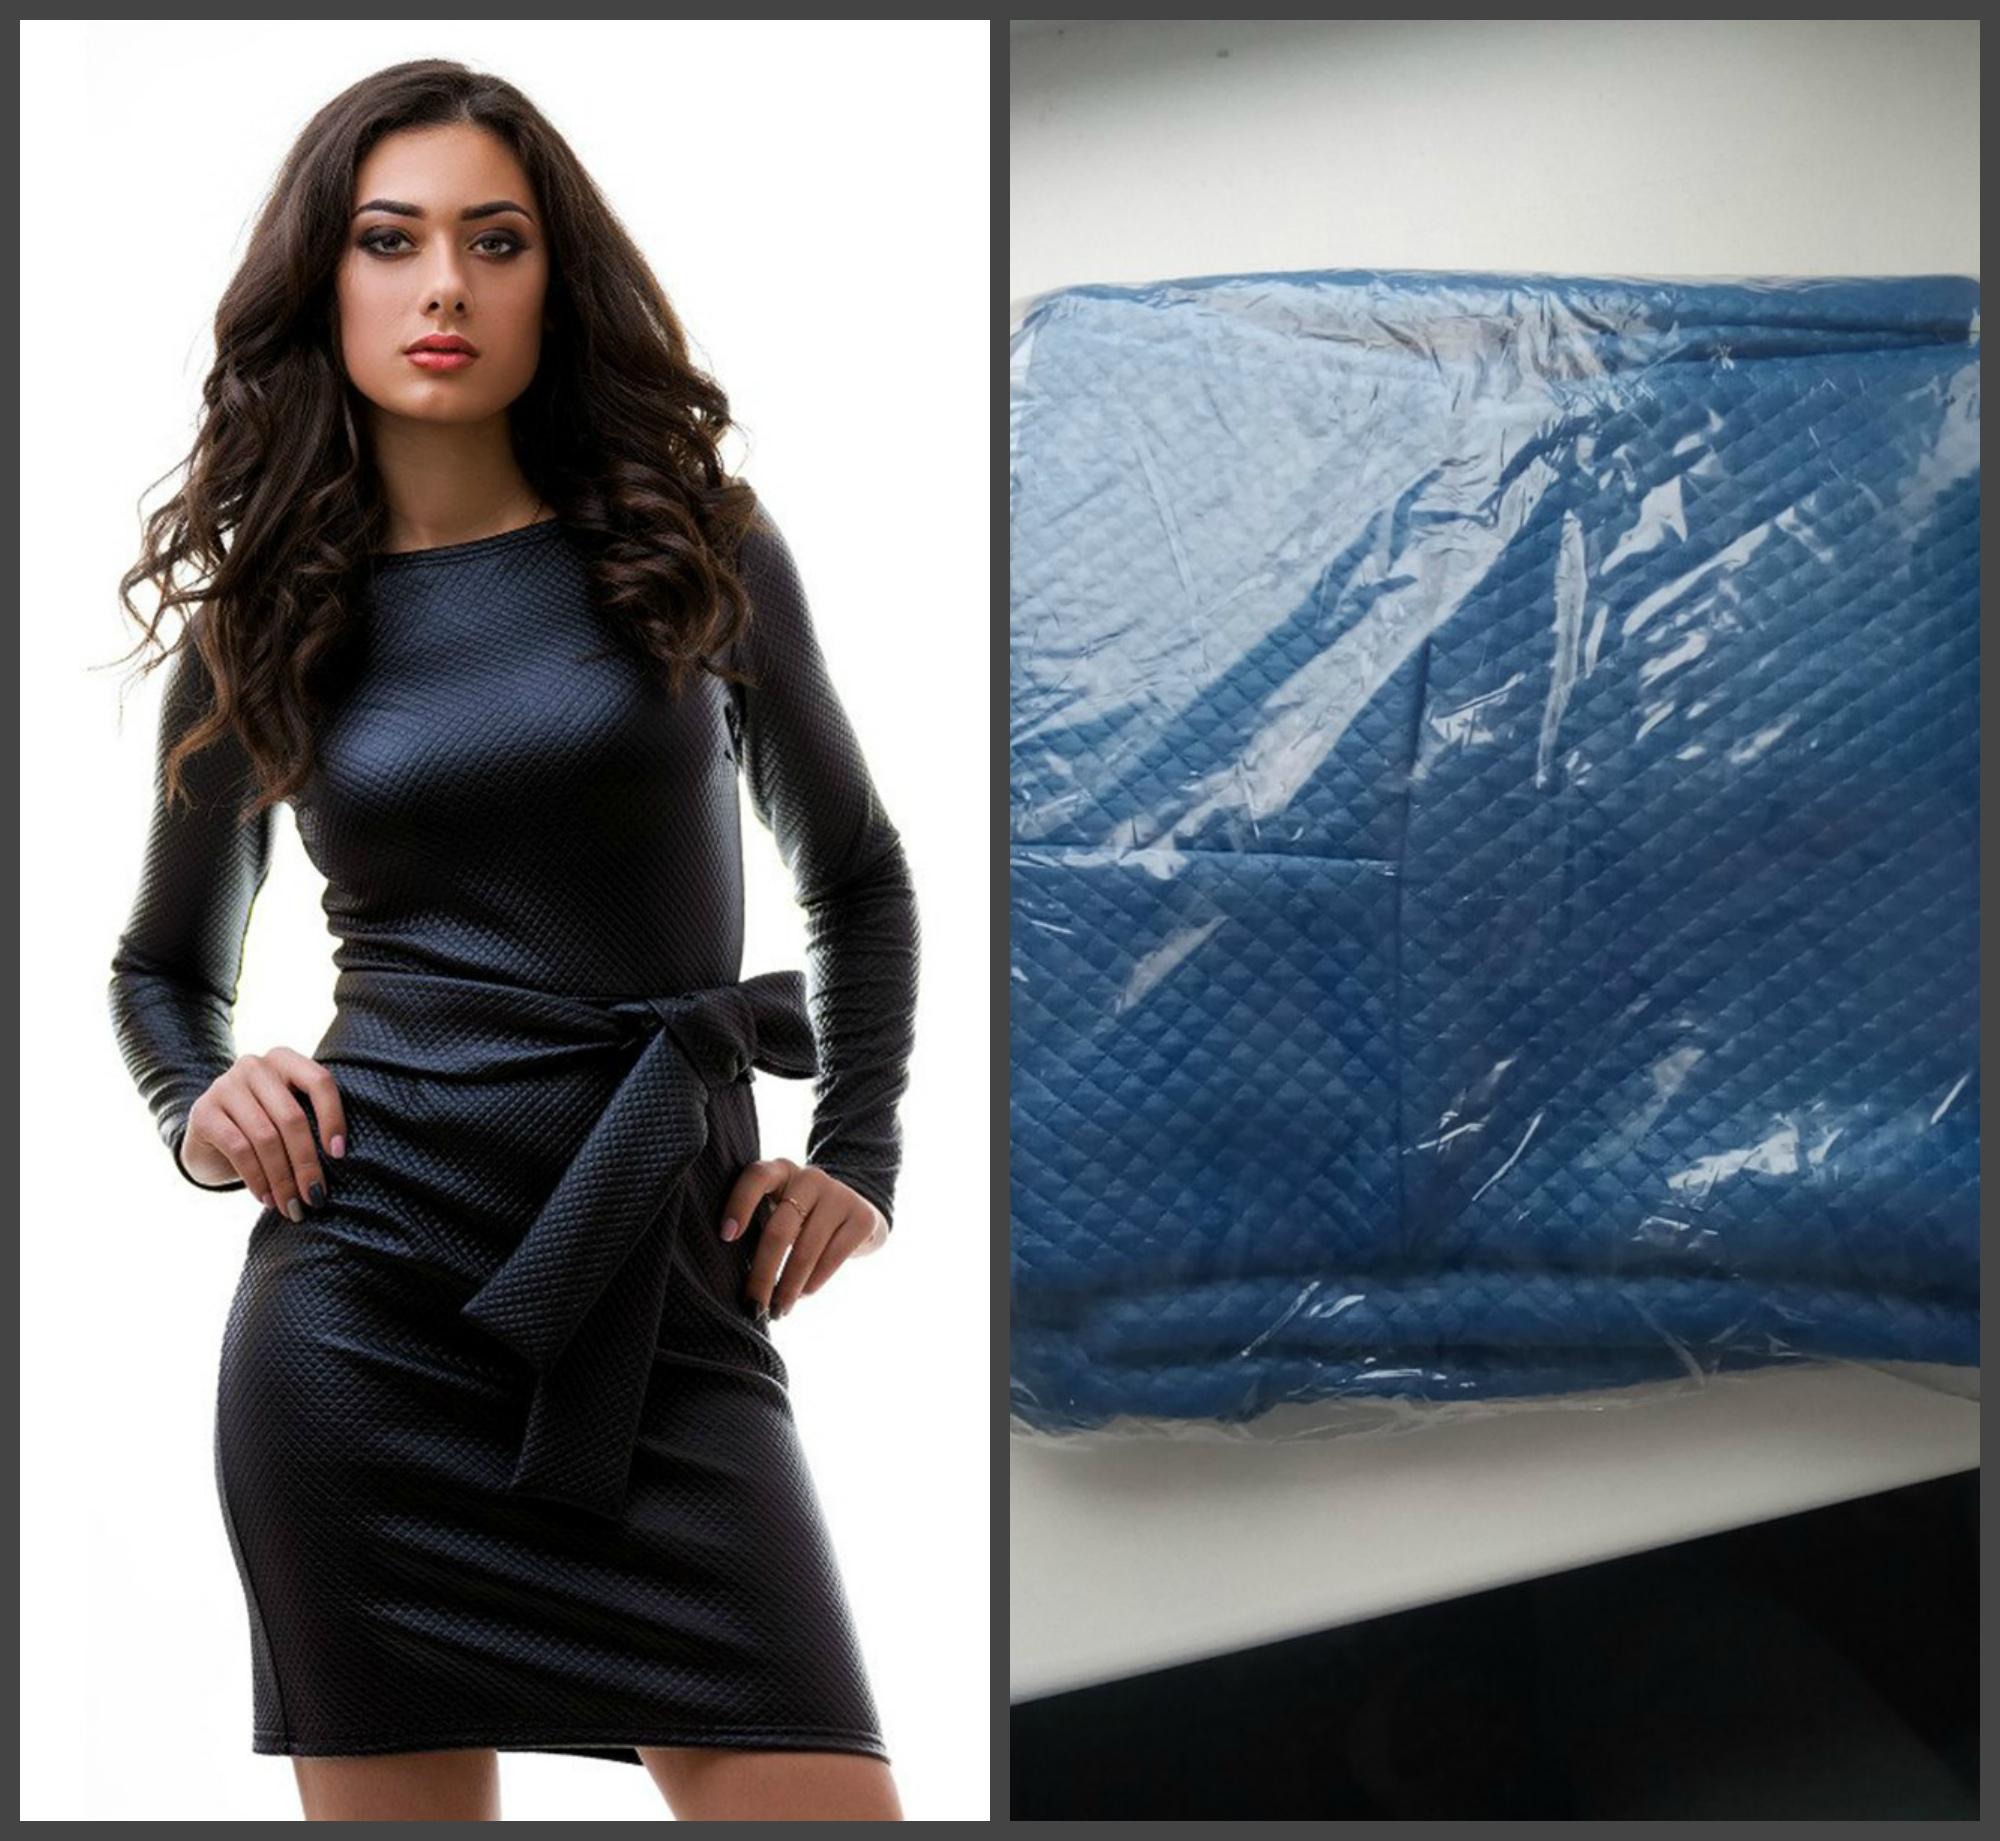 Прстрою платье синего цвета , размер S, цена 1000 рублей!